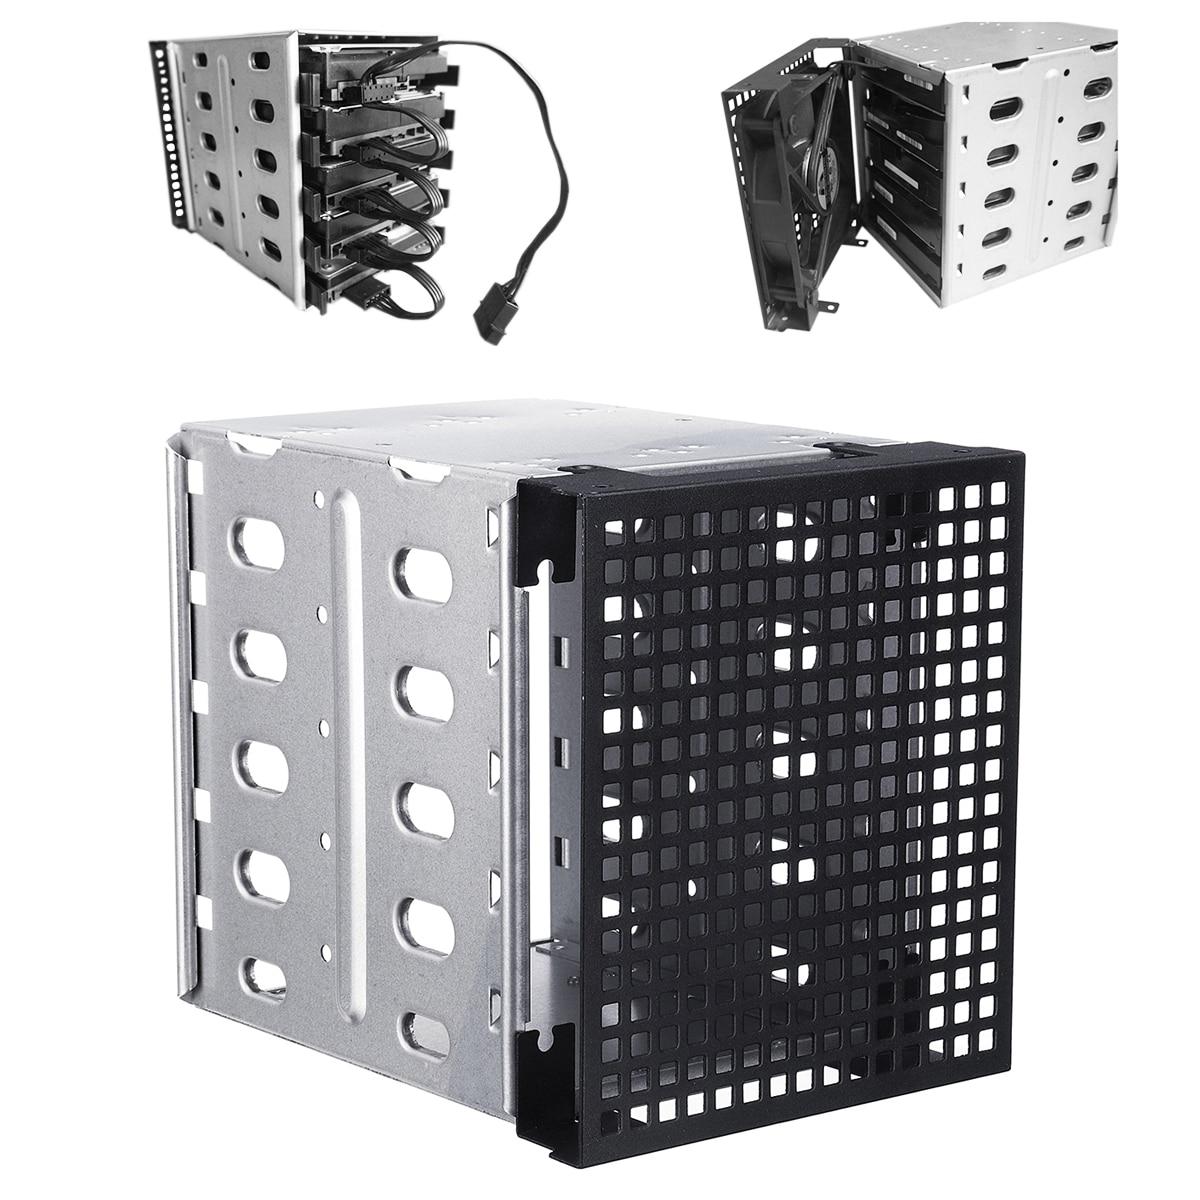 Новый 5,25 дюймов до 5x3,5 дюймов SATA SAS HDD клетка стеллаж для выставки товаров лоток жесткого диска HDD Caddy адаптер конвертер с вентилятором простр...